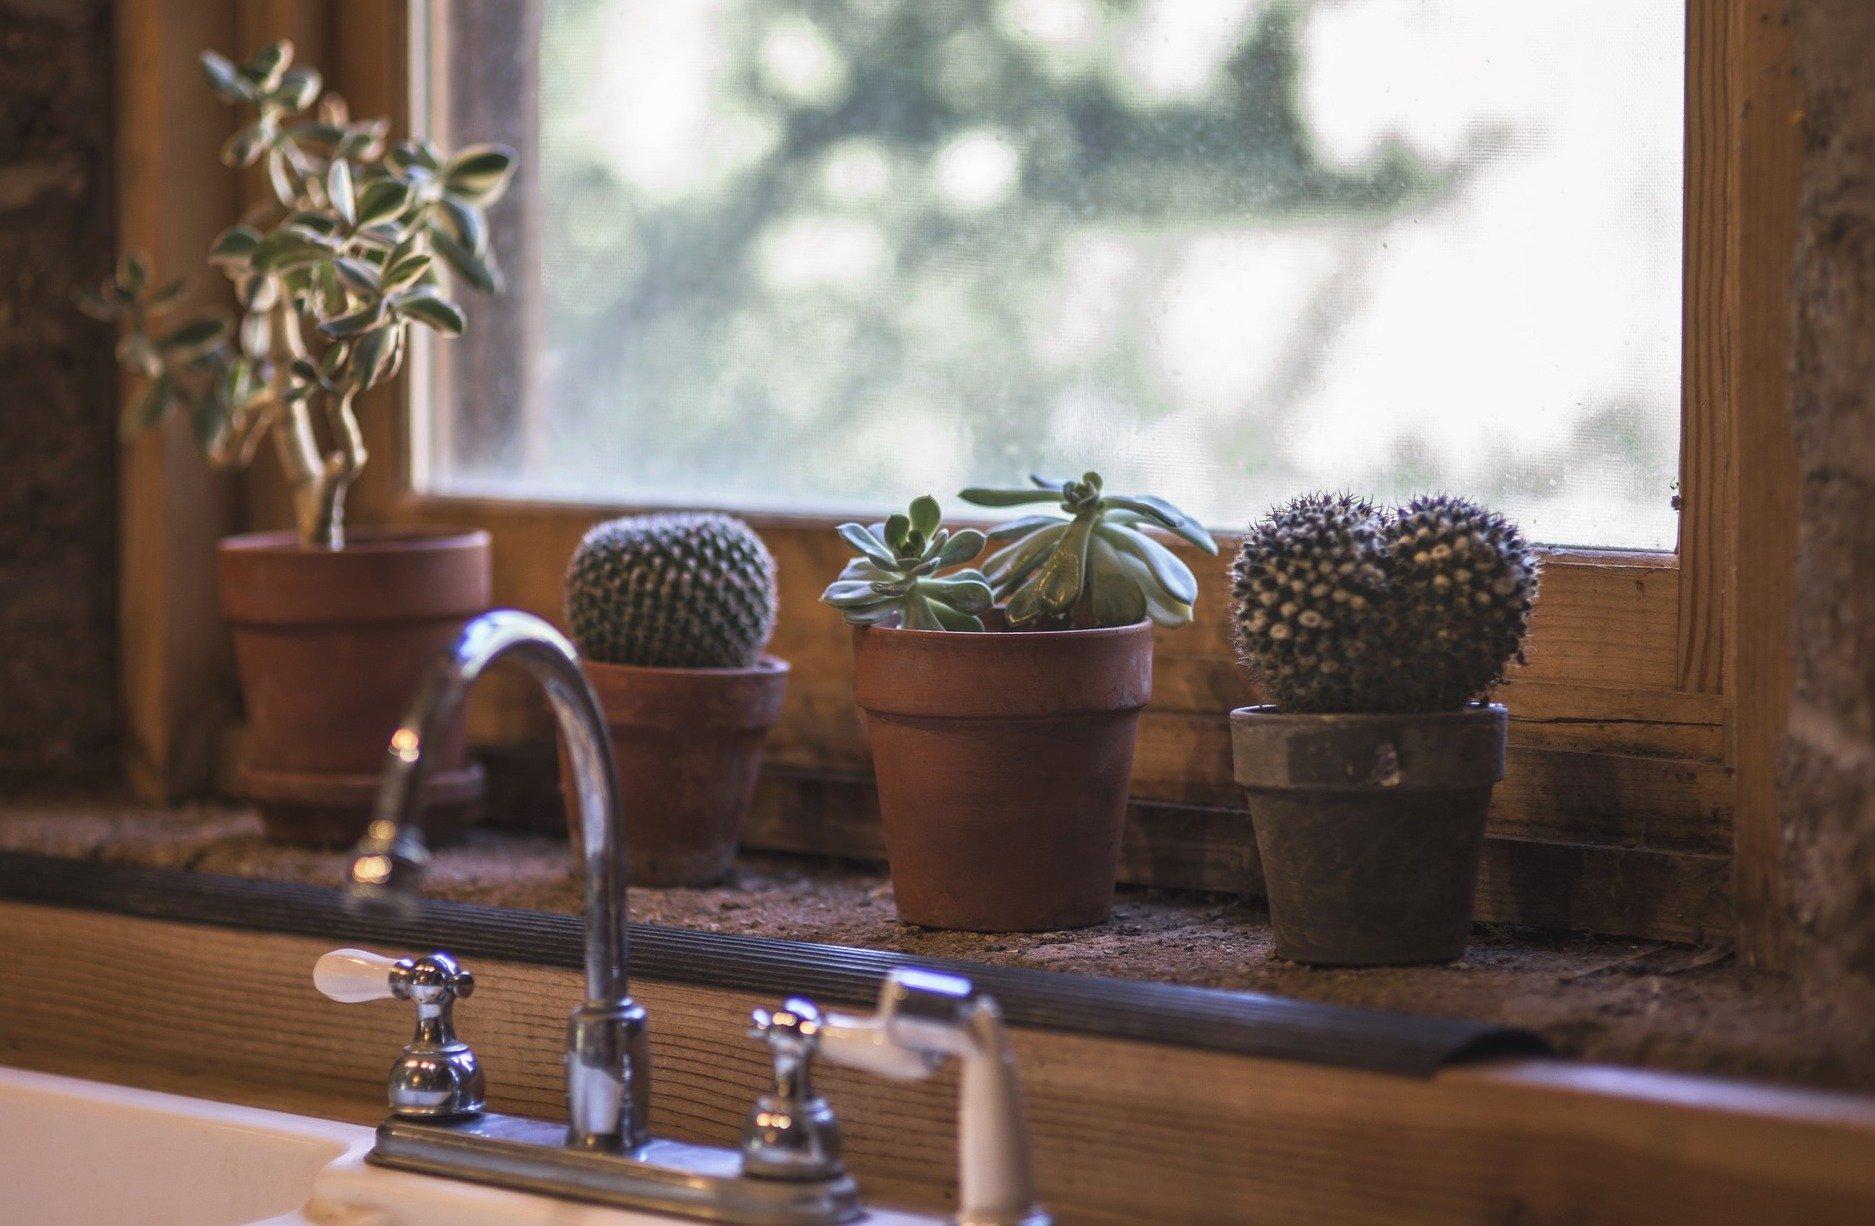 cactus 1 1 - گیاهان مناسب اپارتمان با شرایط نگهداری آسان